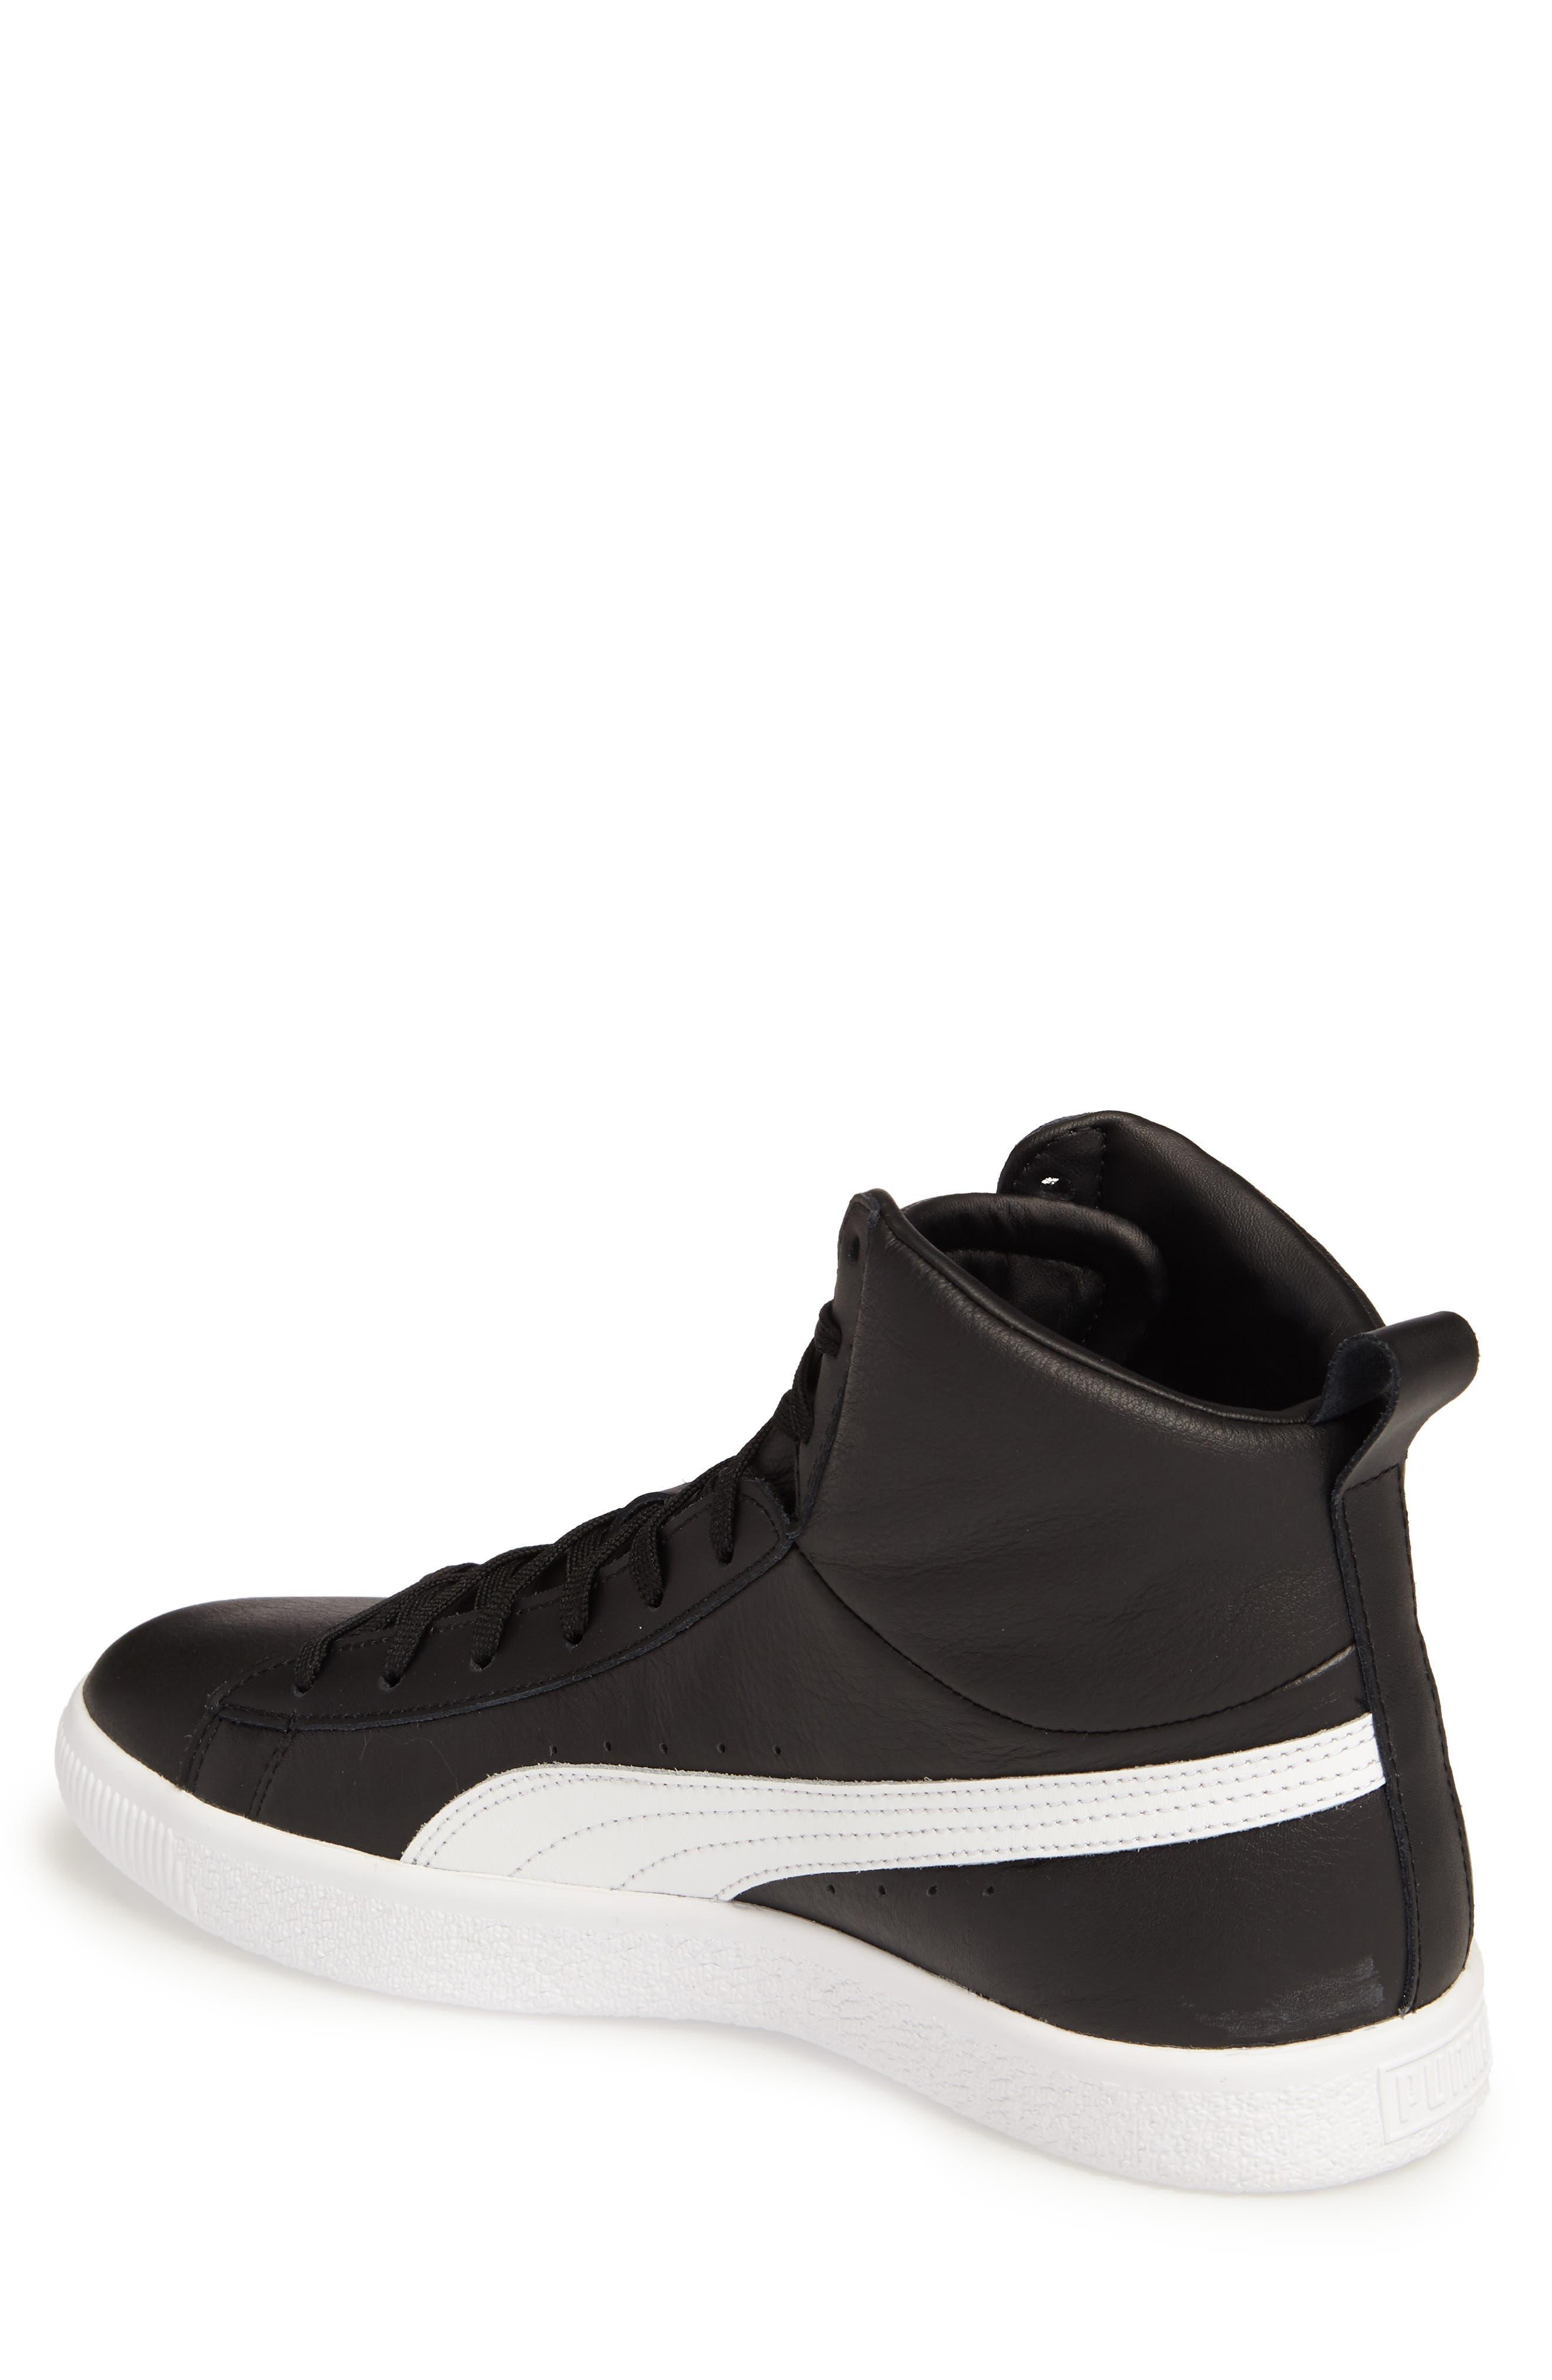 Clyde Mid Sneaker,                             Alternate thumbnail 2, color,                             Black/ White